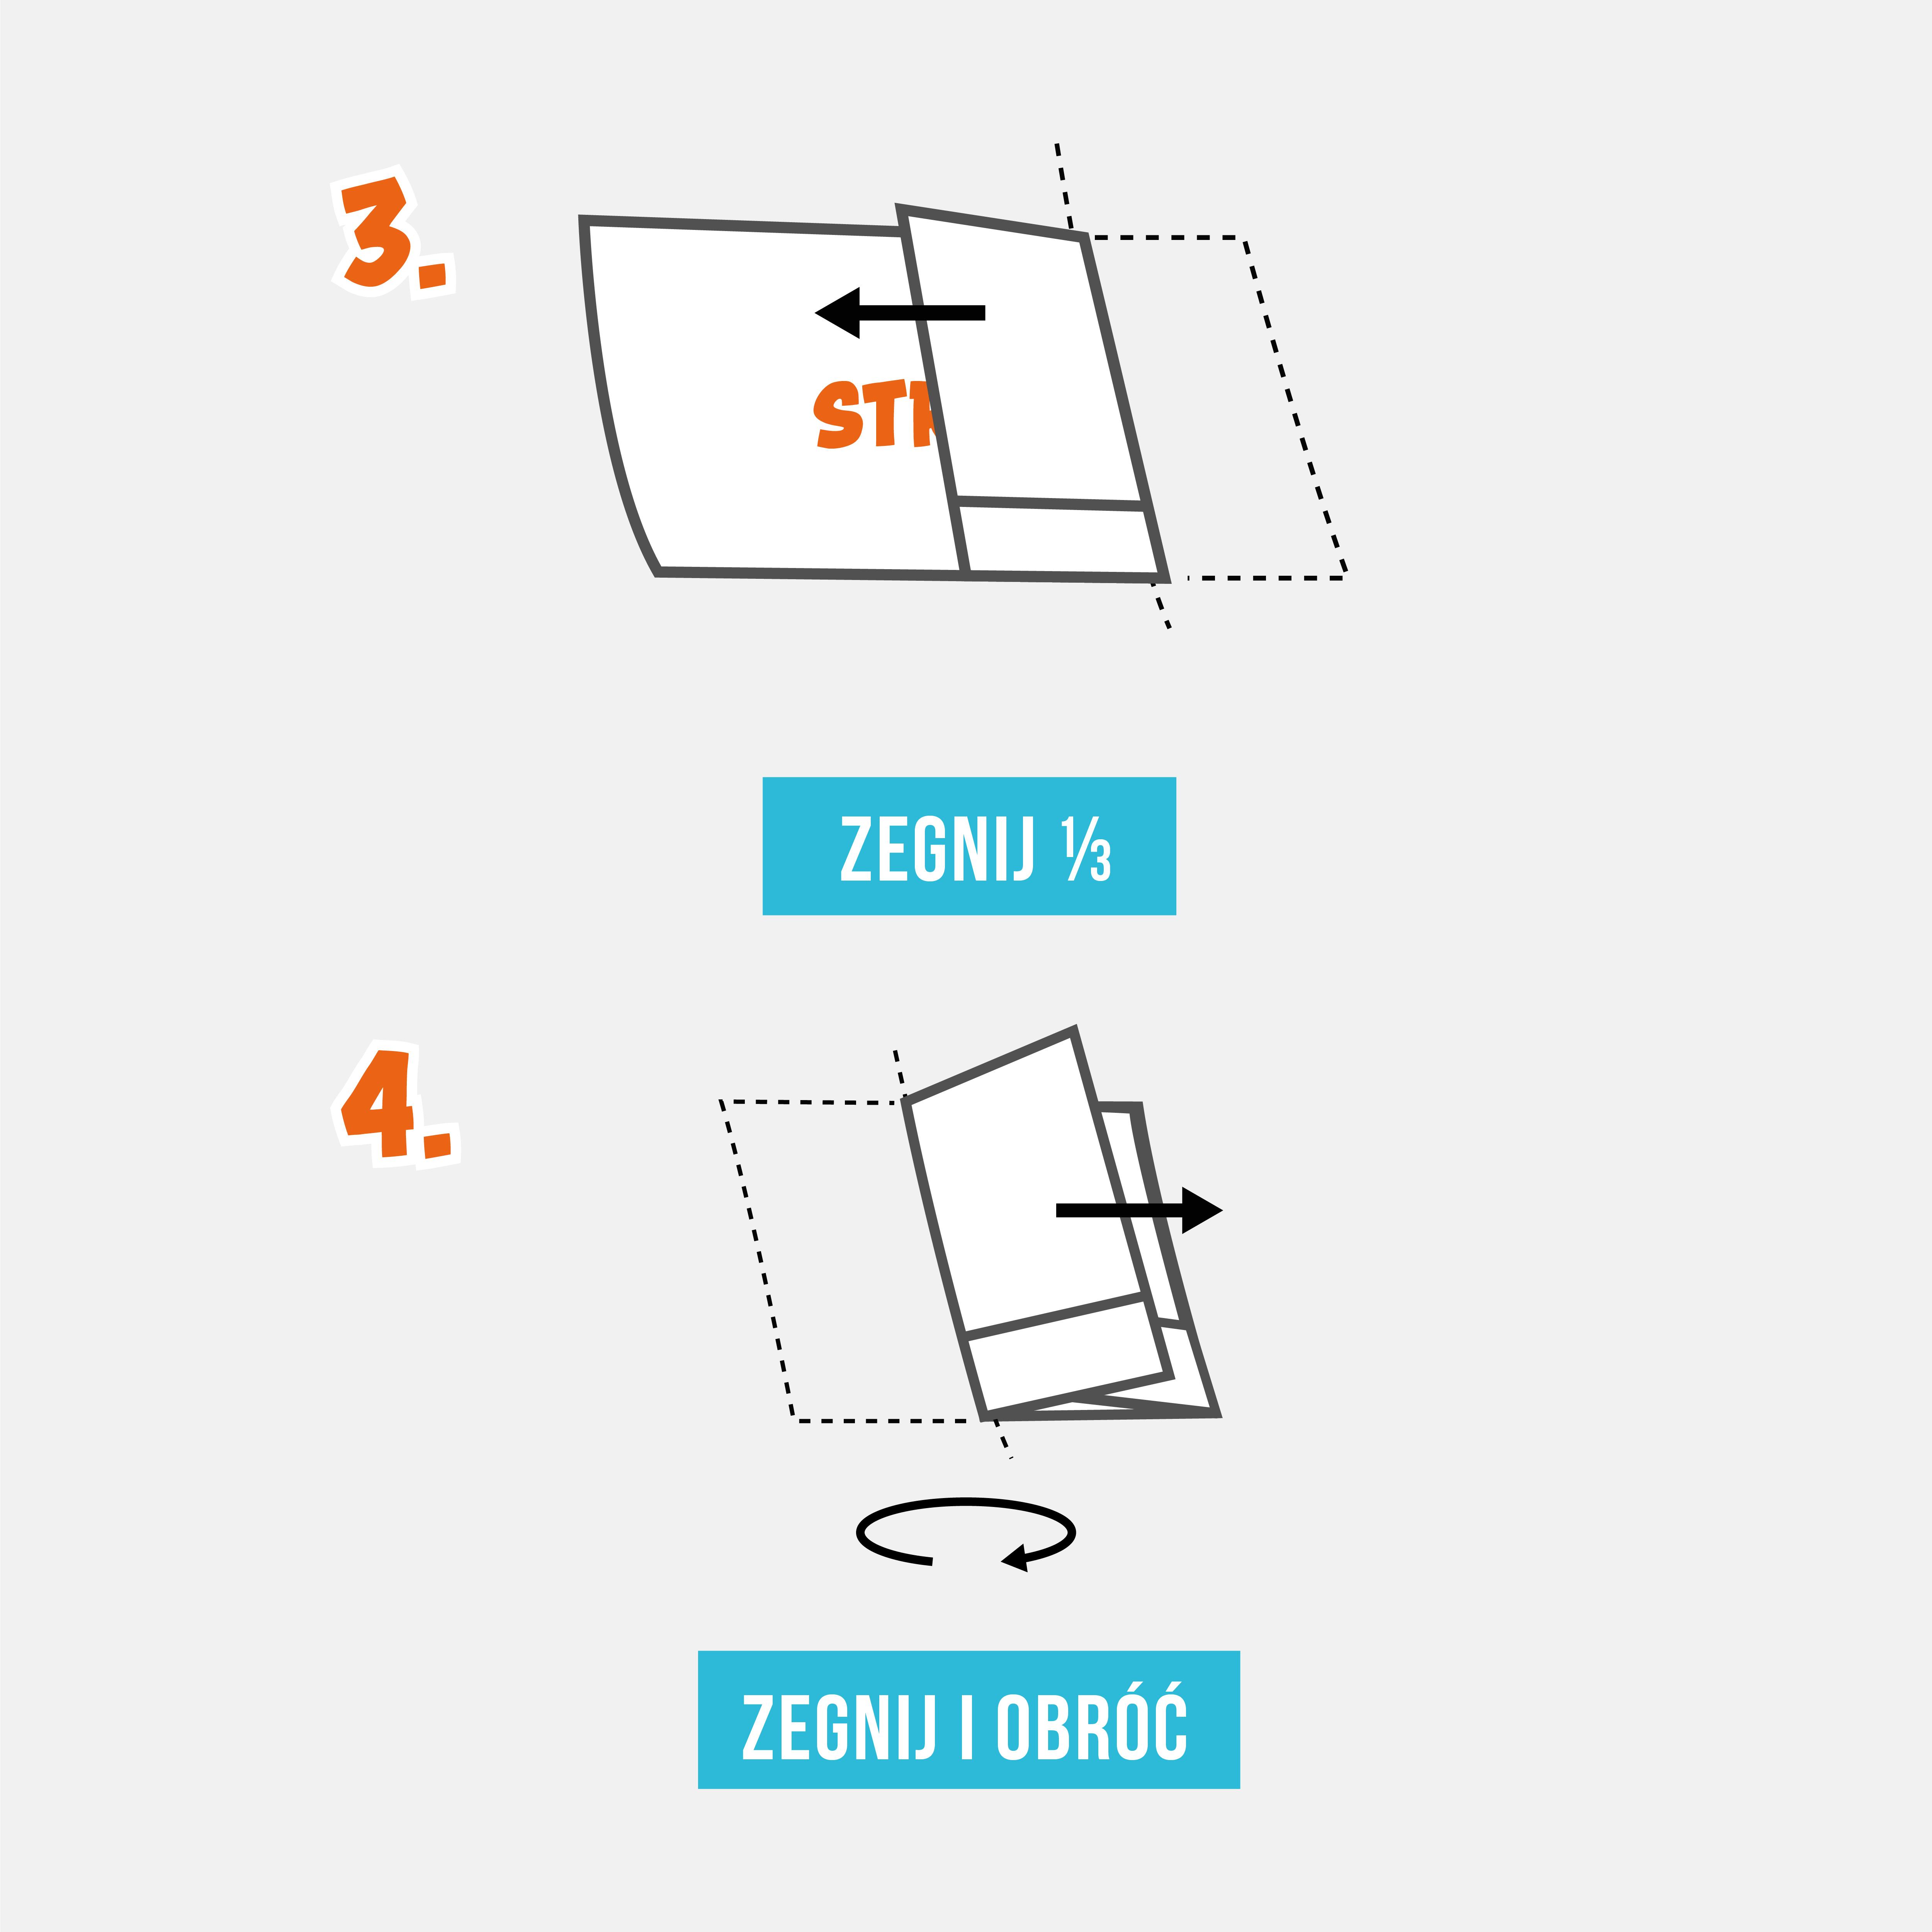 Krok 3. Złóż prawą stronę w taki sposób, aby miała taki sam rozmiar jak niezłożona lewa strona.  Krok 4. Złóż lewą stronę i nałóż ją na złożoną prawą stronę. Następnie obróć papier na drugą stronę.